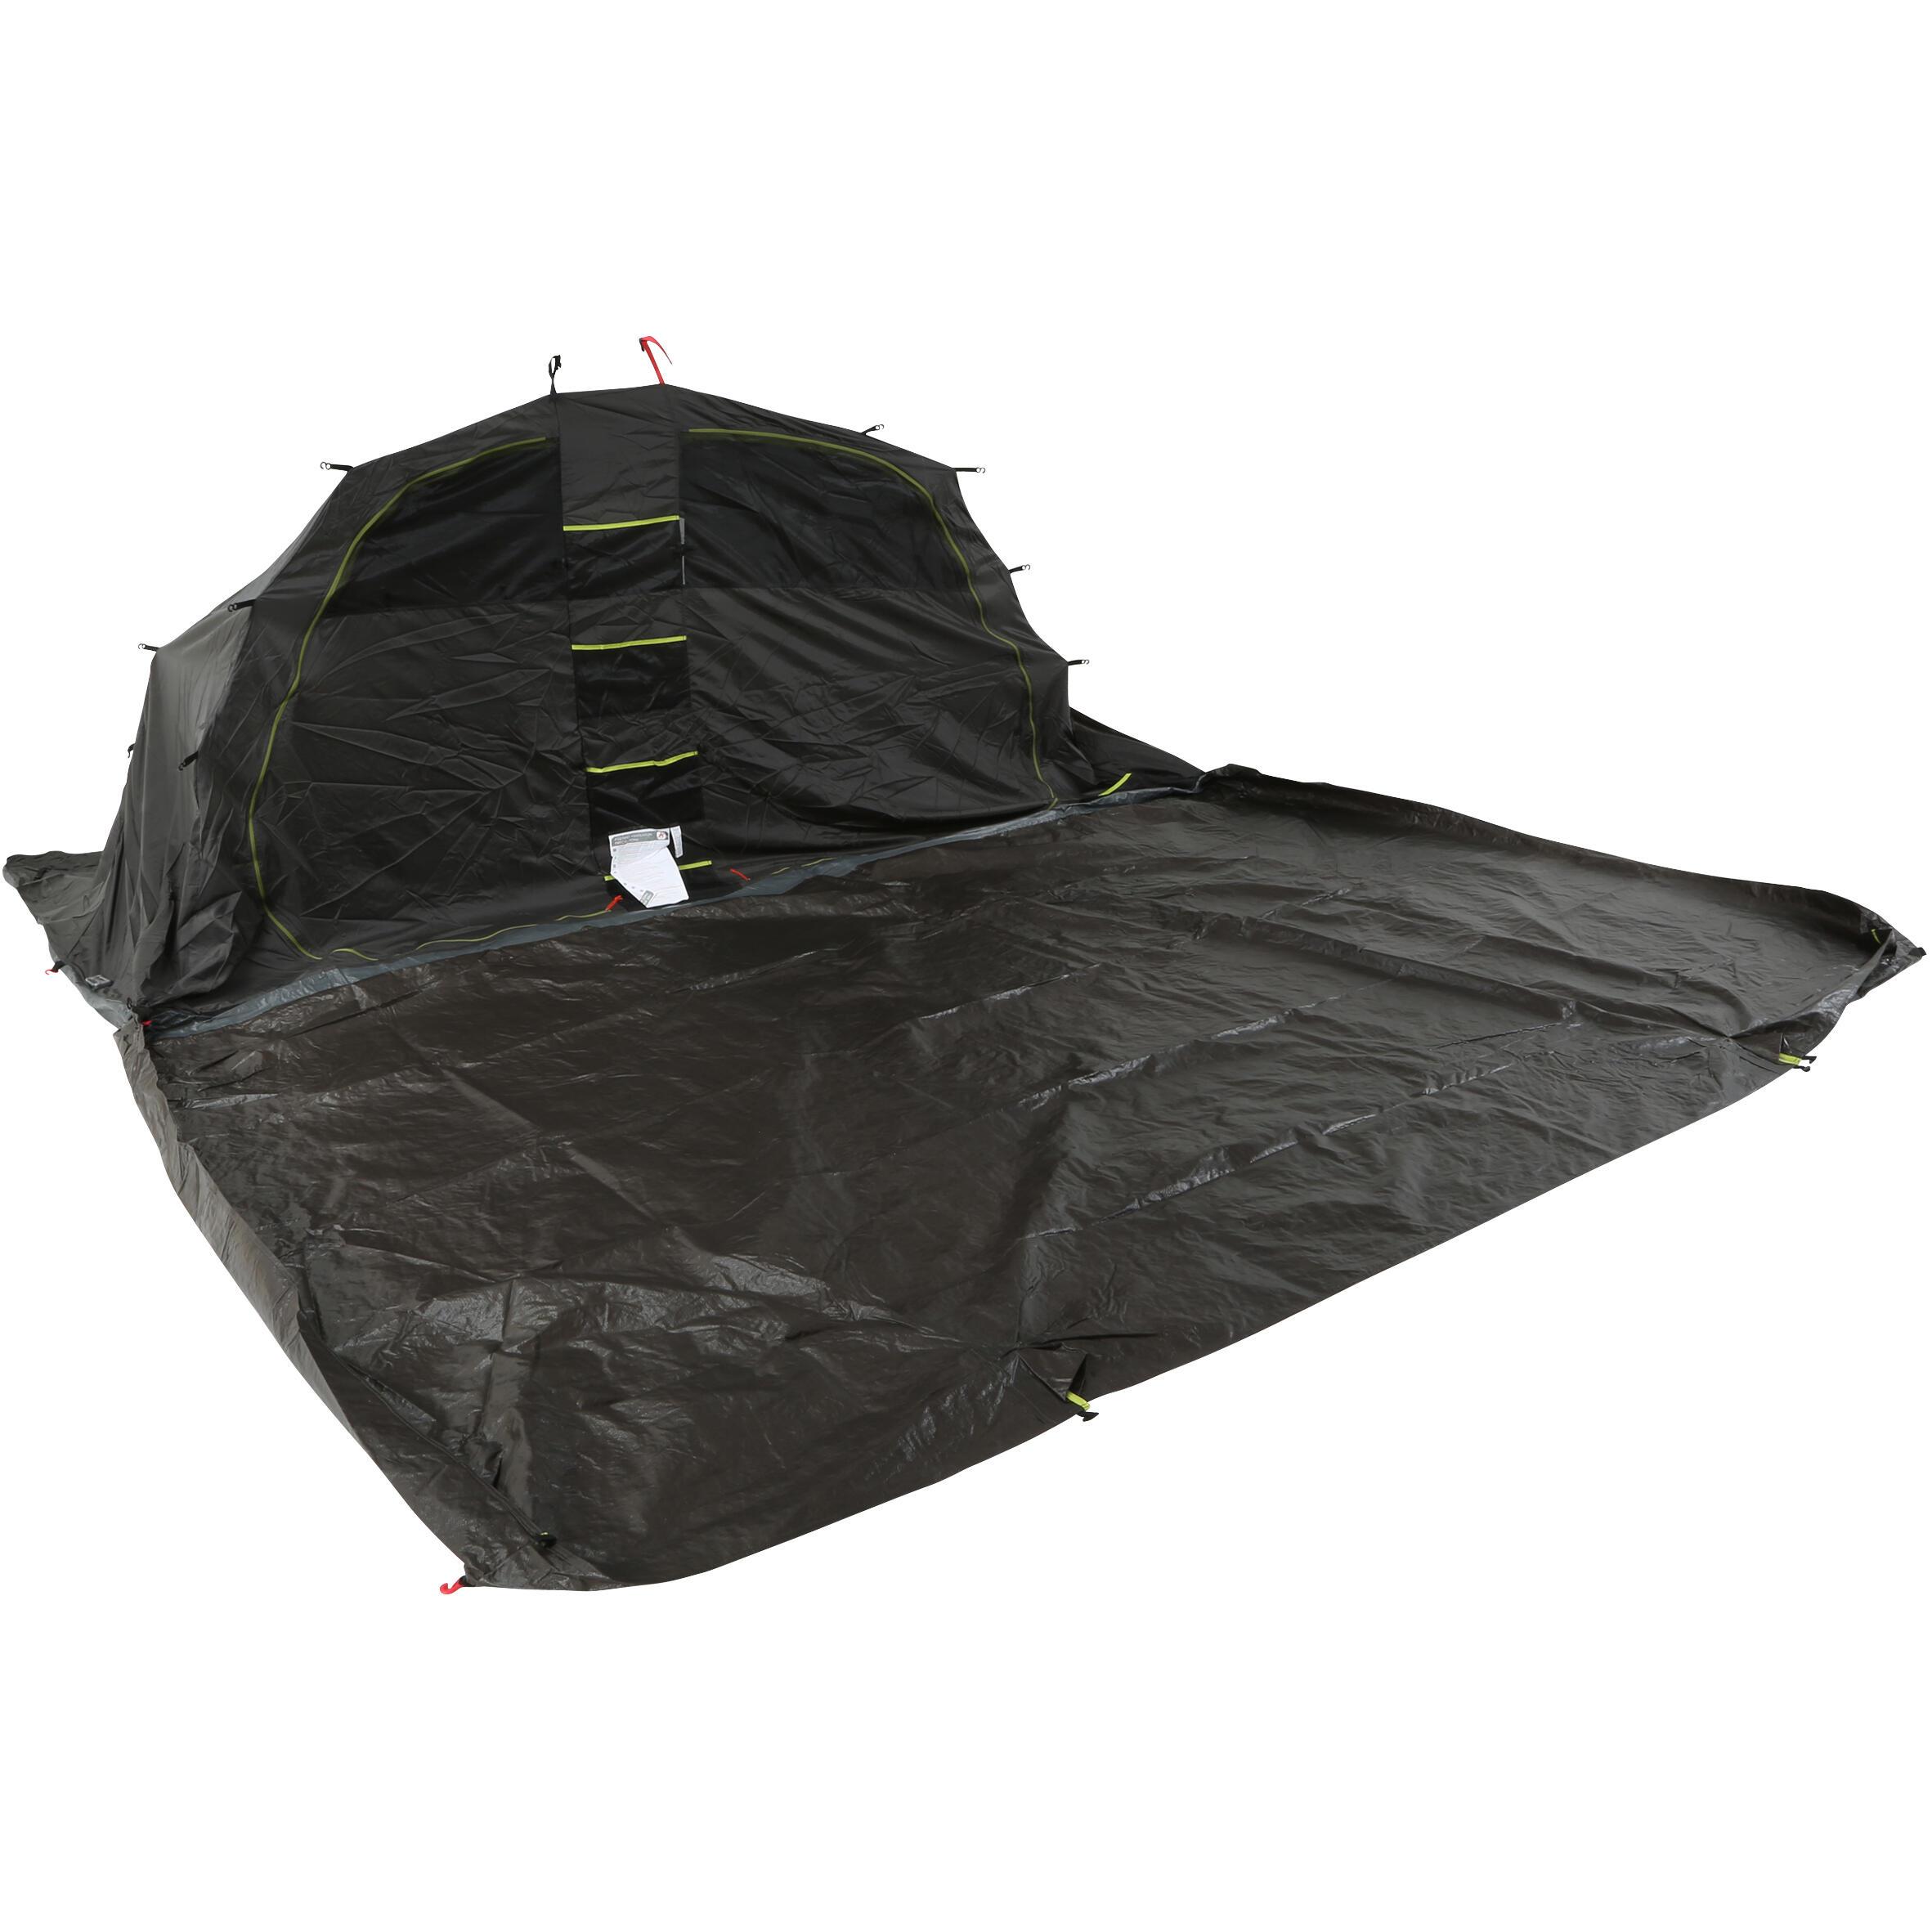 Quechua Slaapcompartiment en grondzeil voor tent Arpenaz Family 5.2 XL